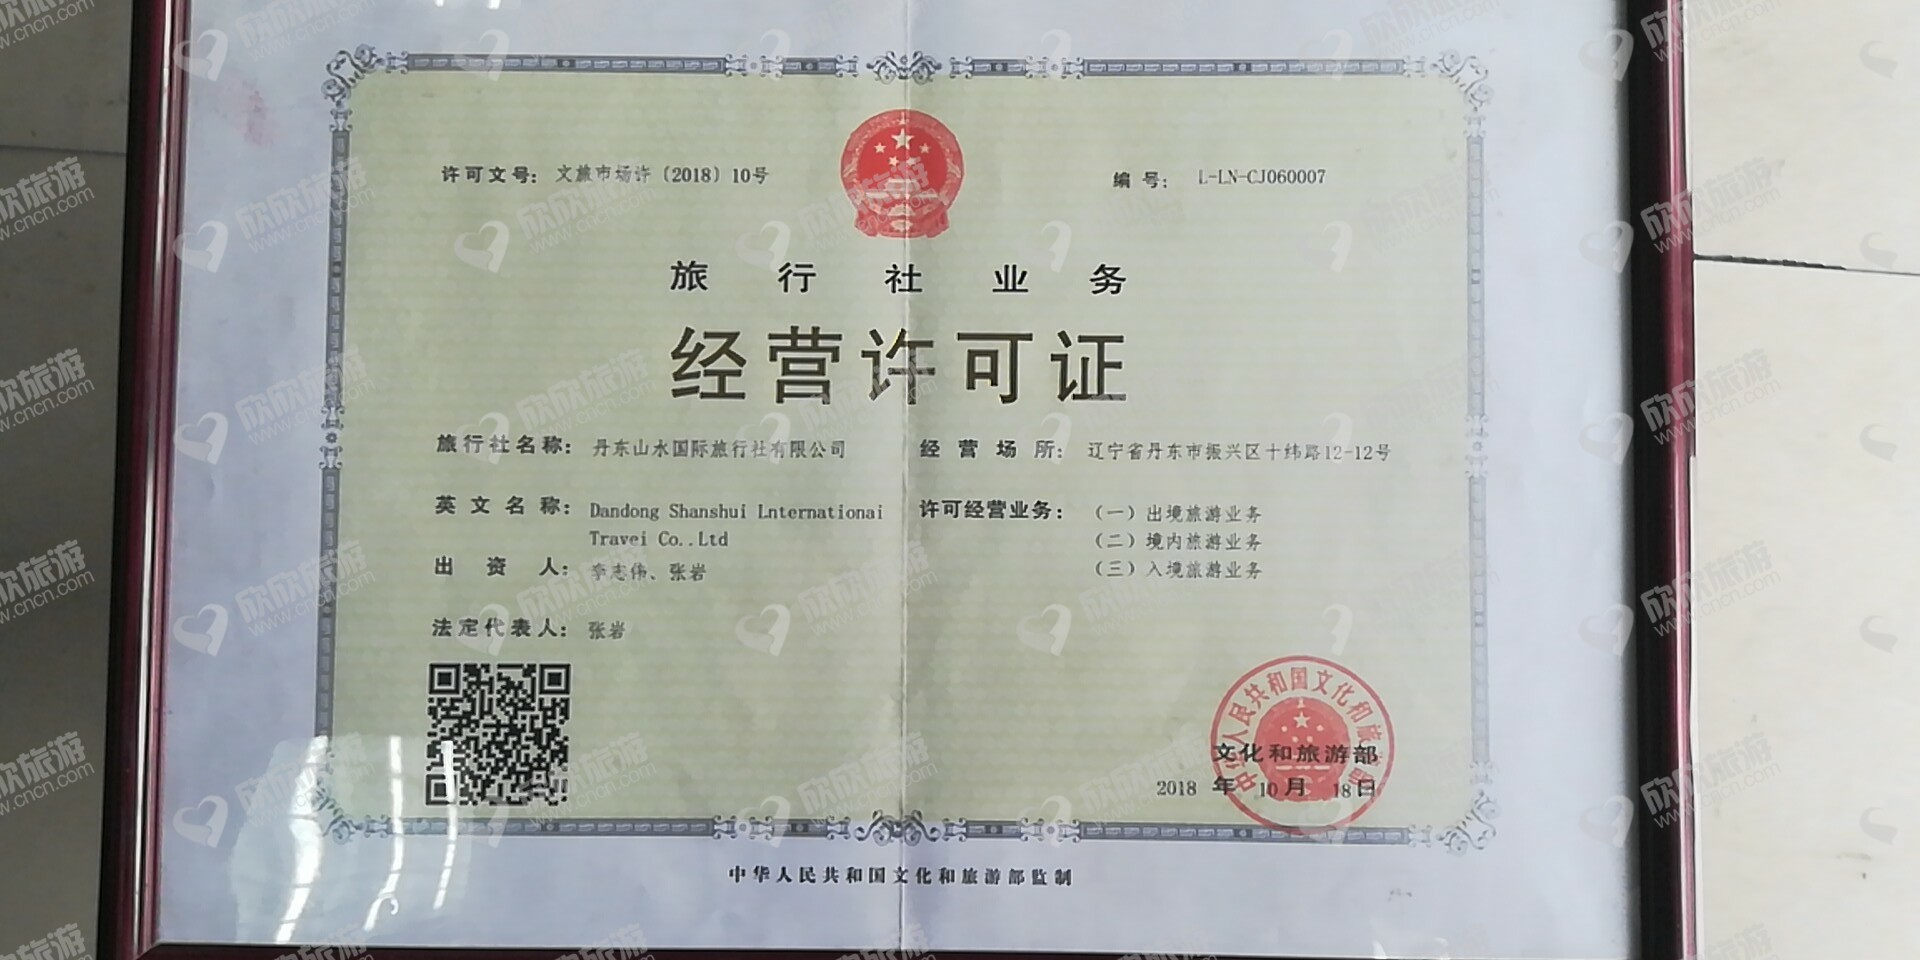 丹东山水国际旅行社有限公司经营许可证